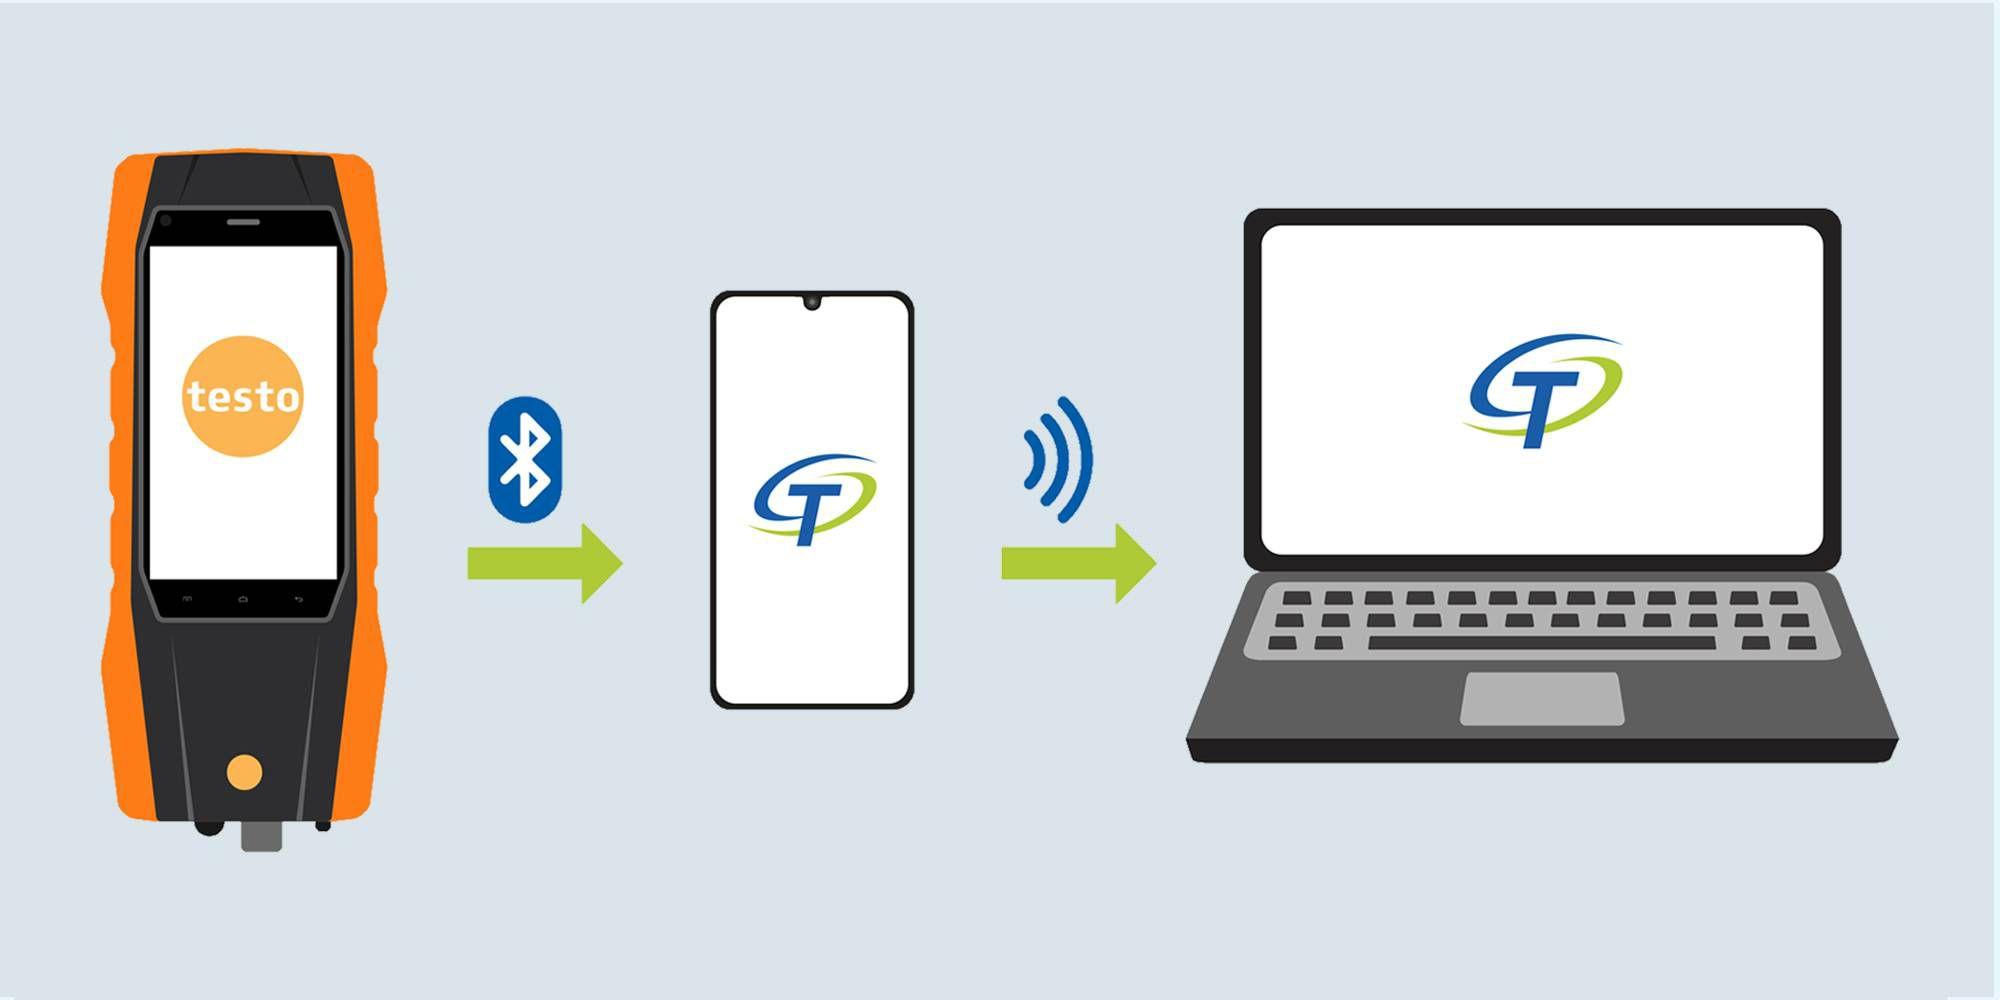 Testo Messwert-Import jetzt direkt in die TAIFUN Handwerker App